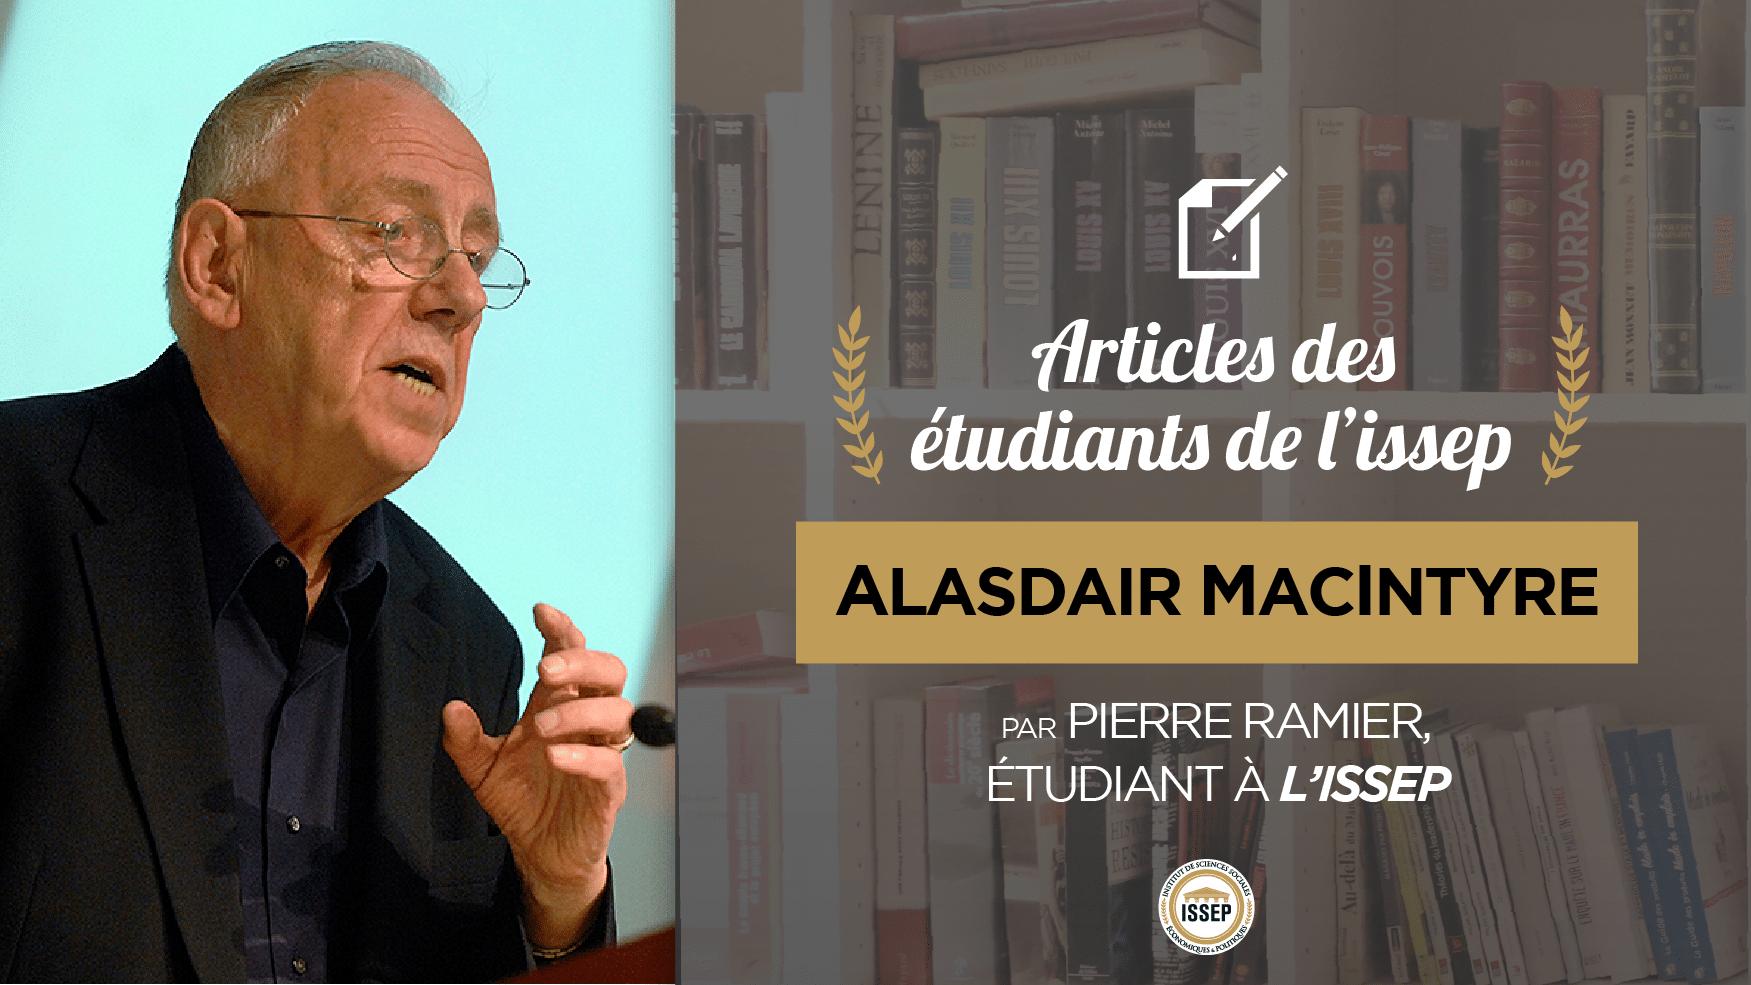 Article des étudiants : Alasdair MacIntyre, par Pierre Ramier, étudiant en Bac+4 à l'ISSEP